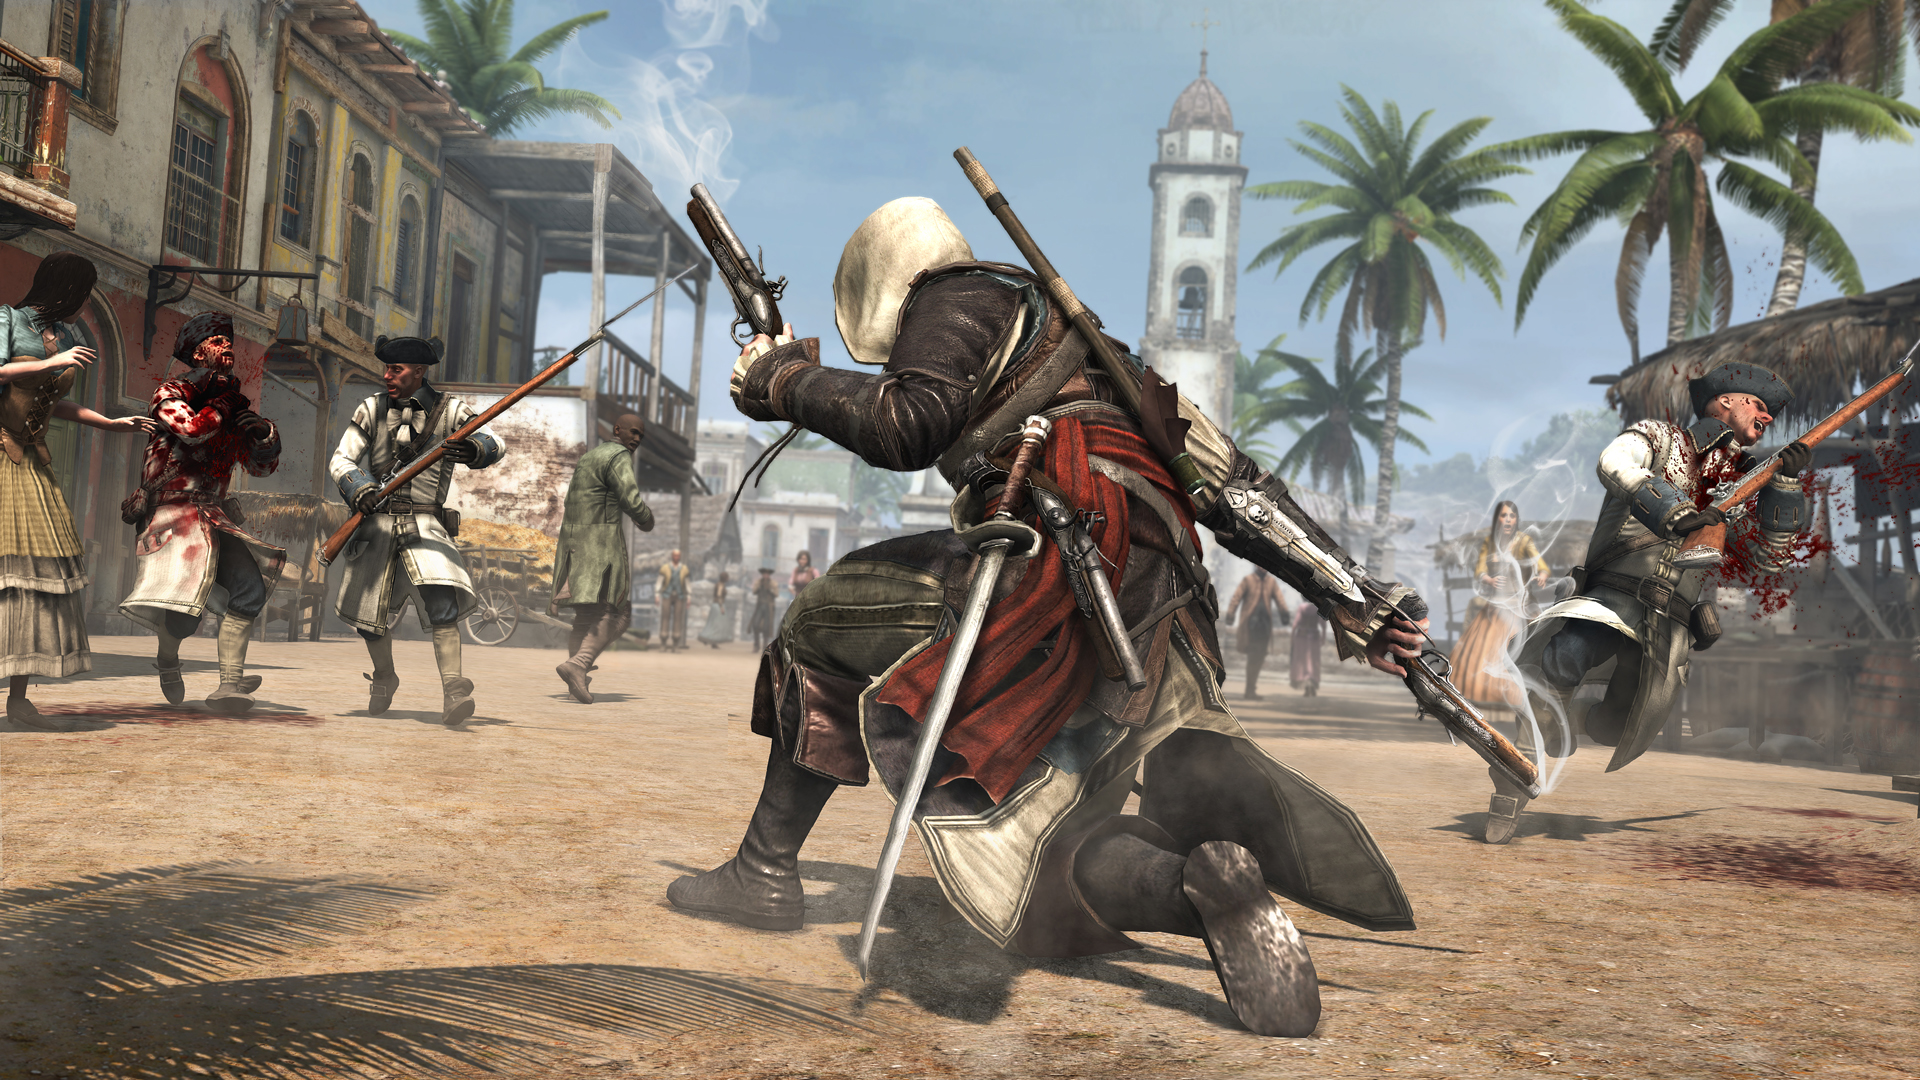 Assassins Creed IV Black Flag a Rogue Remastered se možná objeví na Nintendu Switch